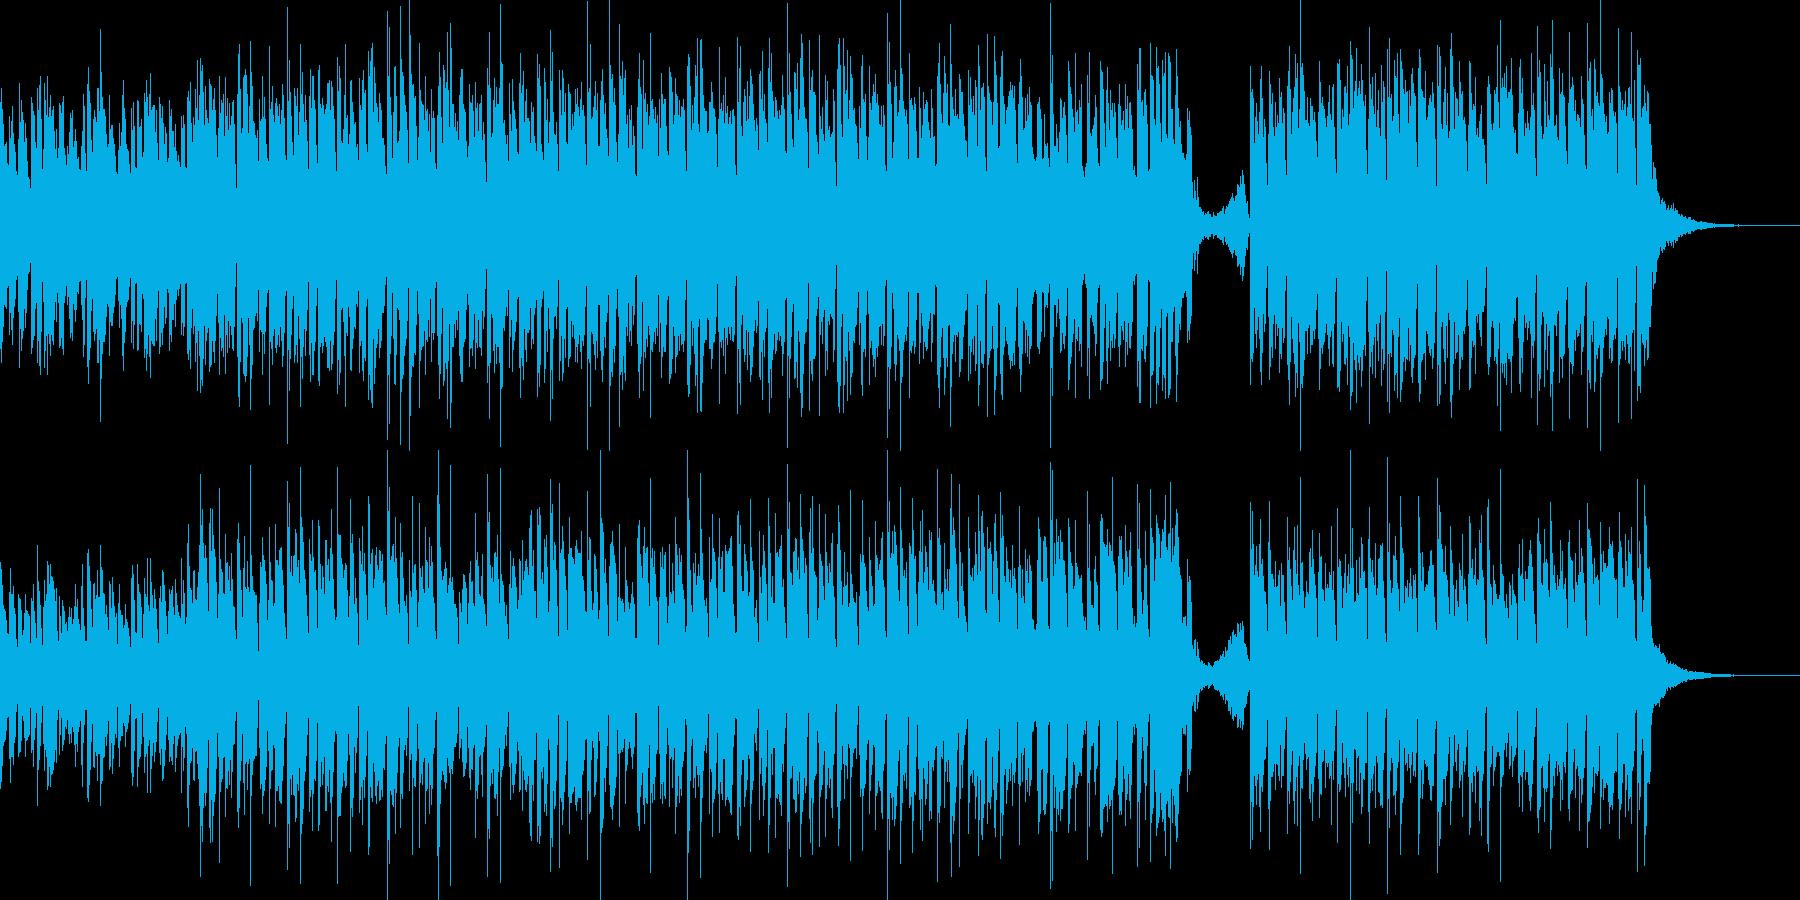 ポップな打ち込みEDMの再生済みの波形